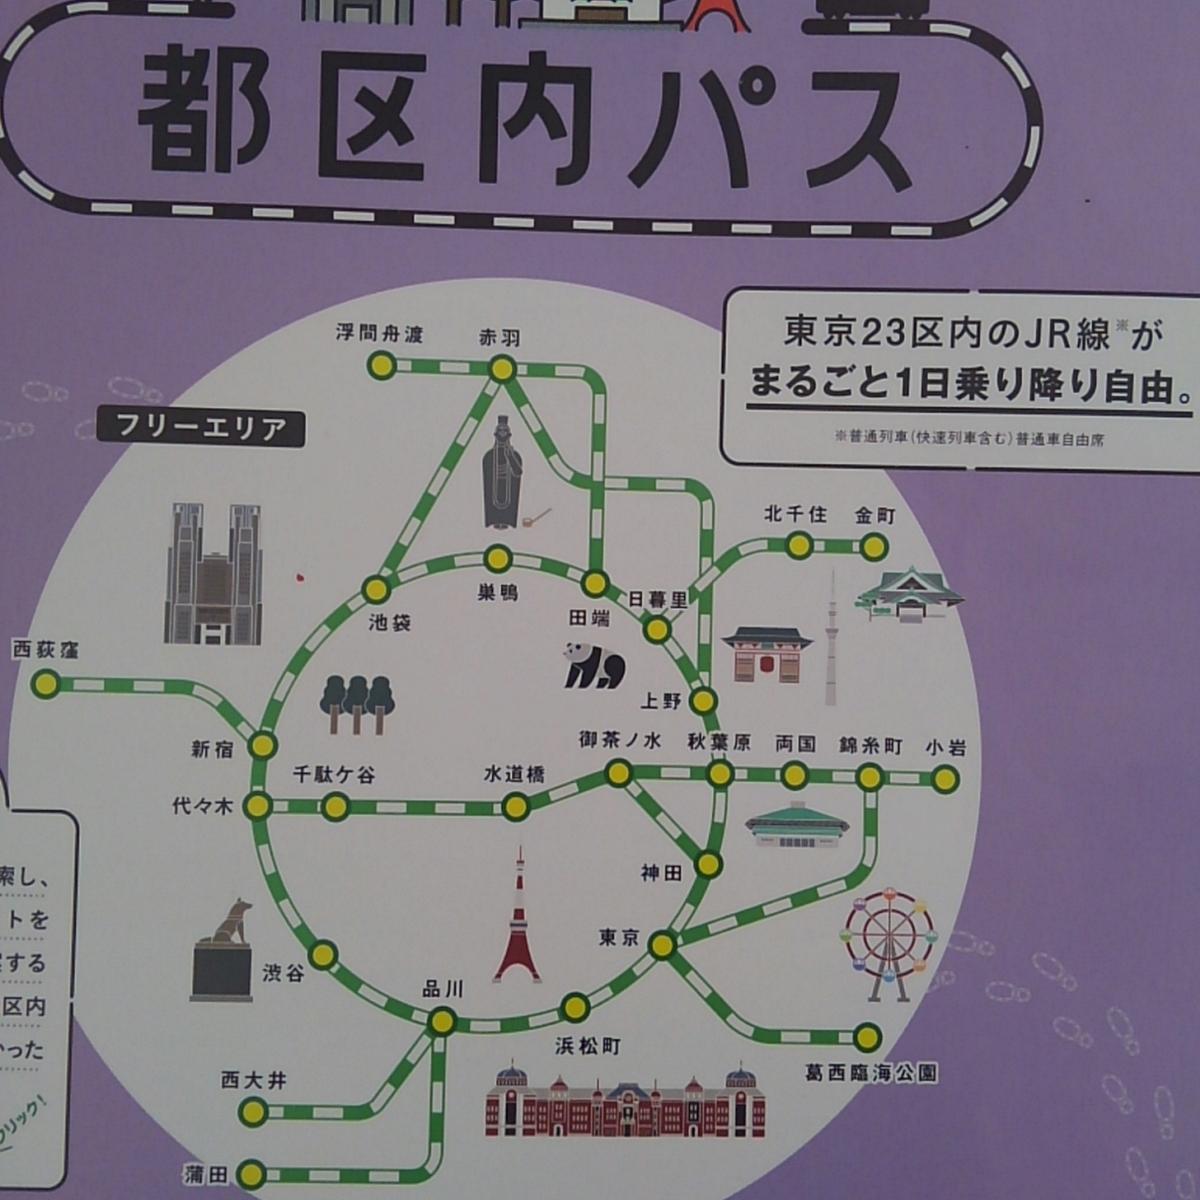 ガンダムスタンプラリー JR東日本 都区内パス